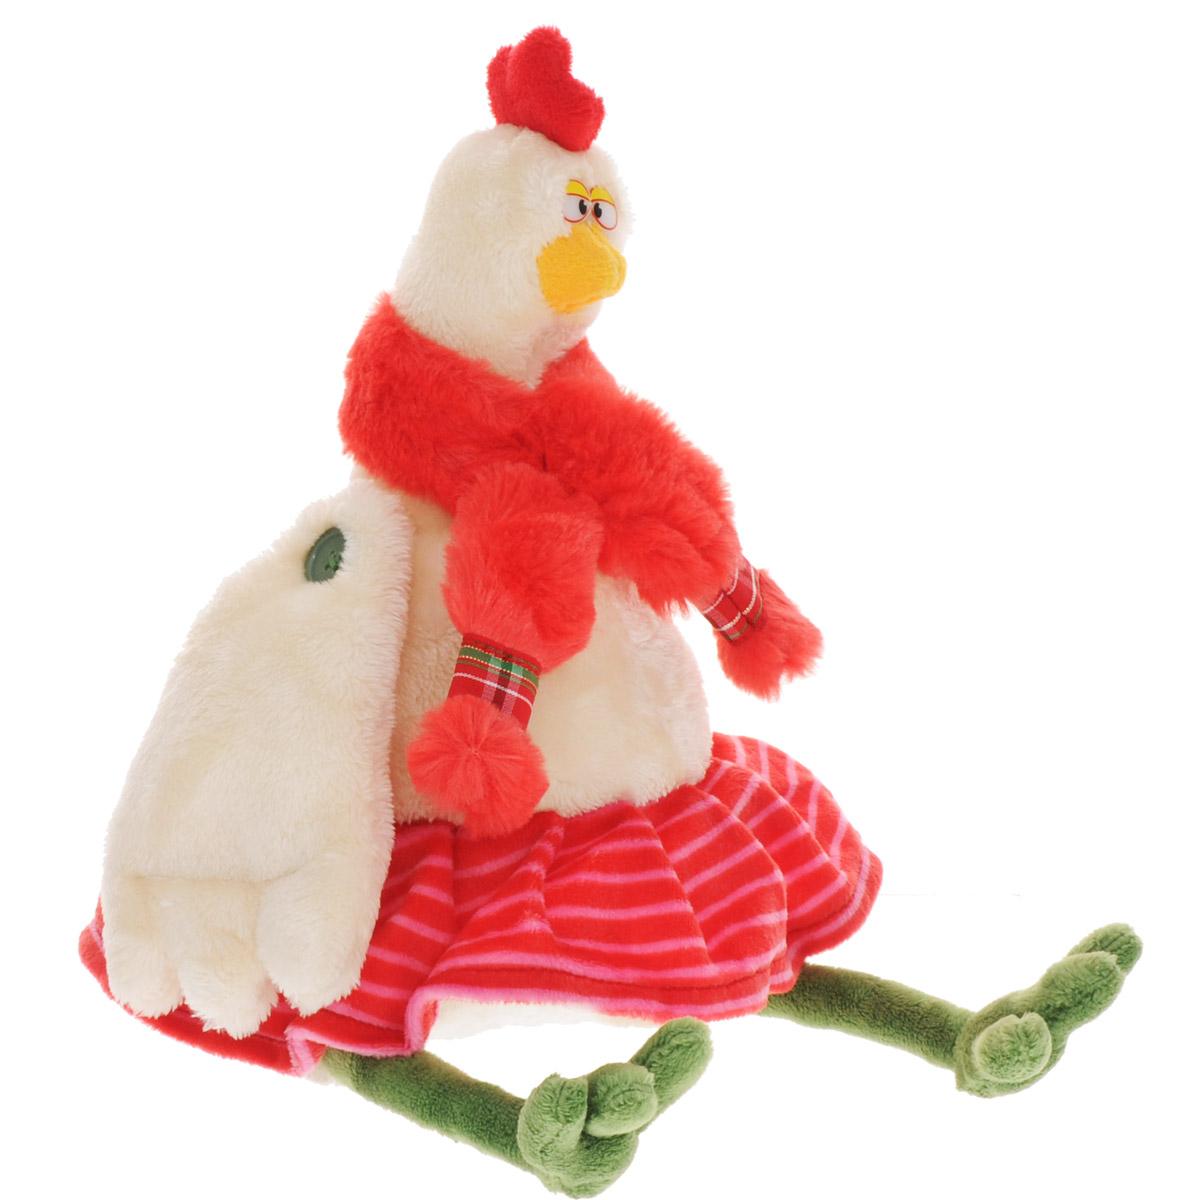 Budibasa Мягкая игрушка Курочка Генриетта 28 смRs26-013Очаровательная мягкая игрушка Budibasa Курочка Генриетта принесет радость и подарит своему обладателю мгновения нежных объятий и приятных воспоминаний. Игрушка очень похожа на своего живого прототипа. У курочки небольшая юбочка в полоску и пушистый шарфик. Крылышки подвижны. Игрушка изготовлена из мягкого искусственного меха с наполнителем из полиэфирного волокна. Великолепное качество исполнения делают эту игрушку чудесным подарком к любому празднику, как для ребенка, так и для взрослых.